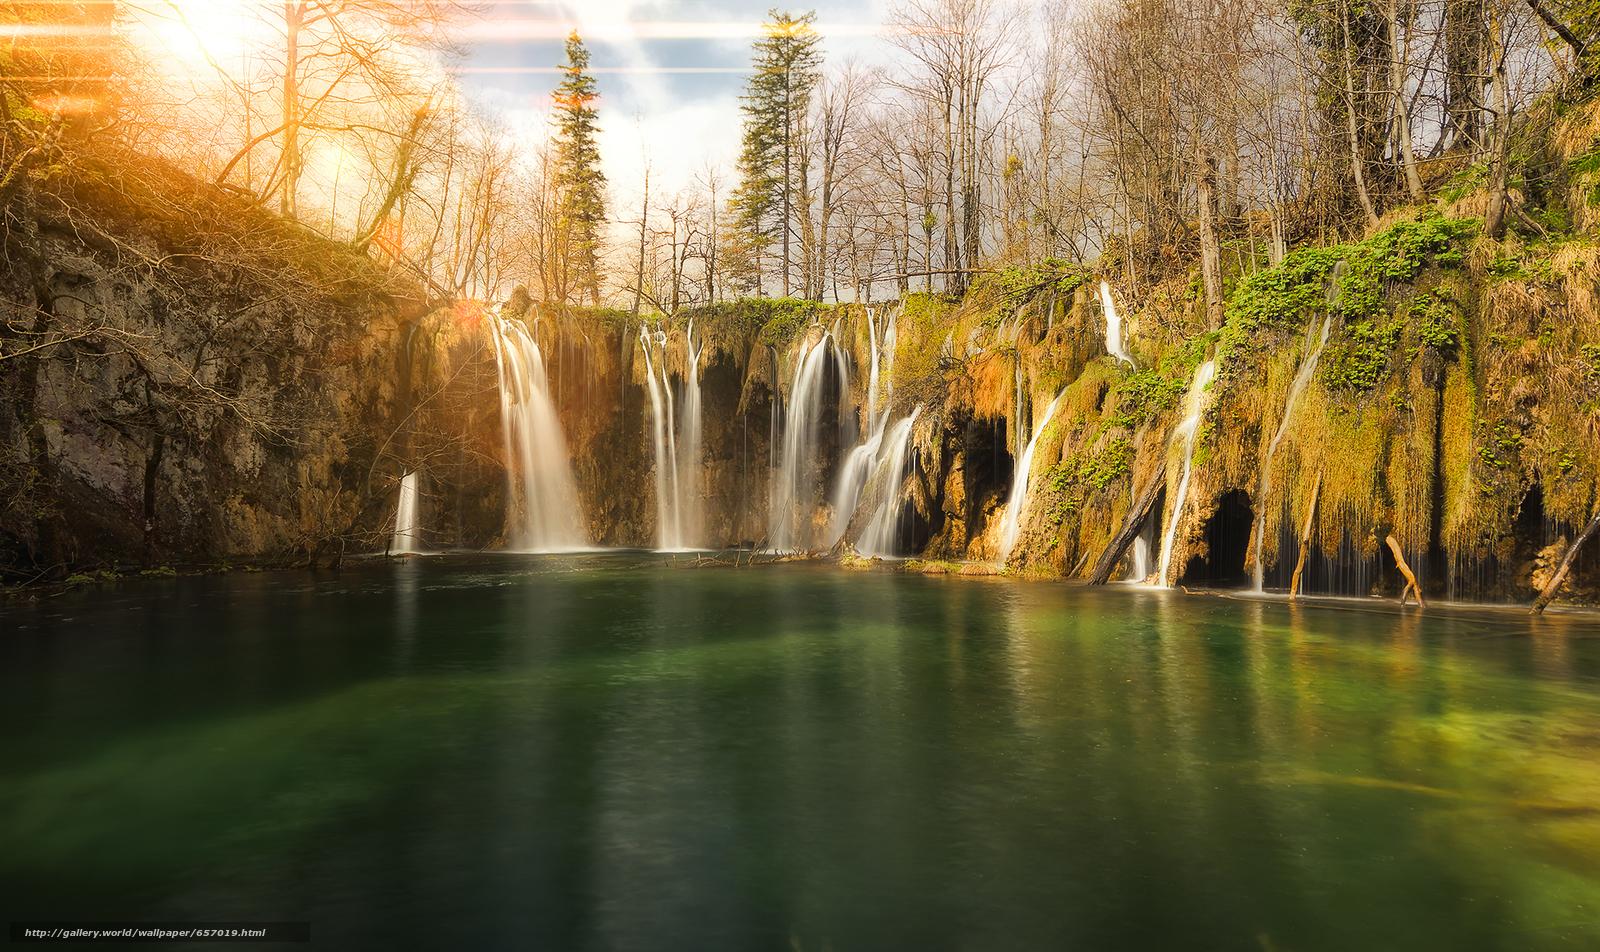 壁紙をダウンロード 日没,  滝,  池,  プリトビチェ デスクトップの解像度のための無料壁紙 2019x1201 — 絵 №657019